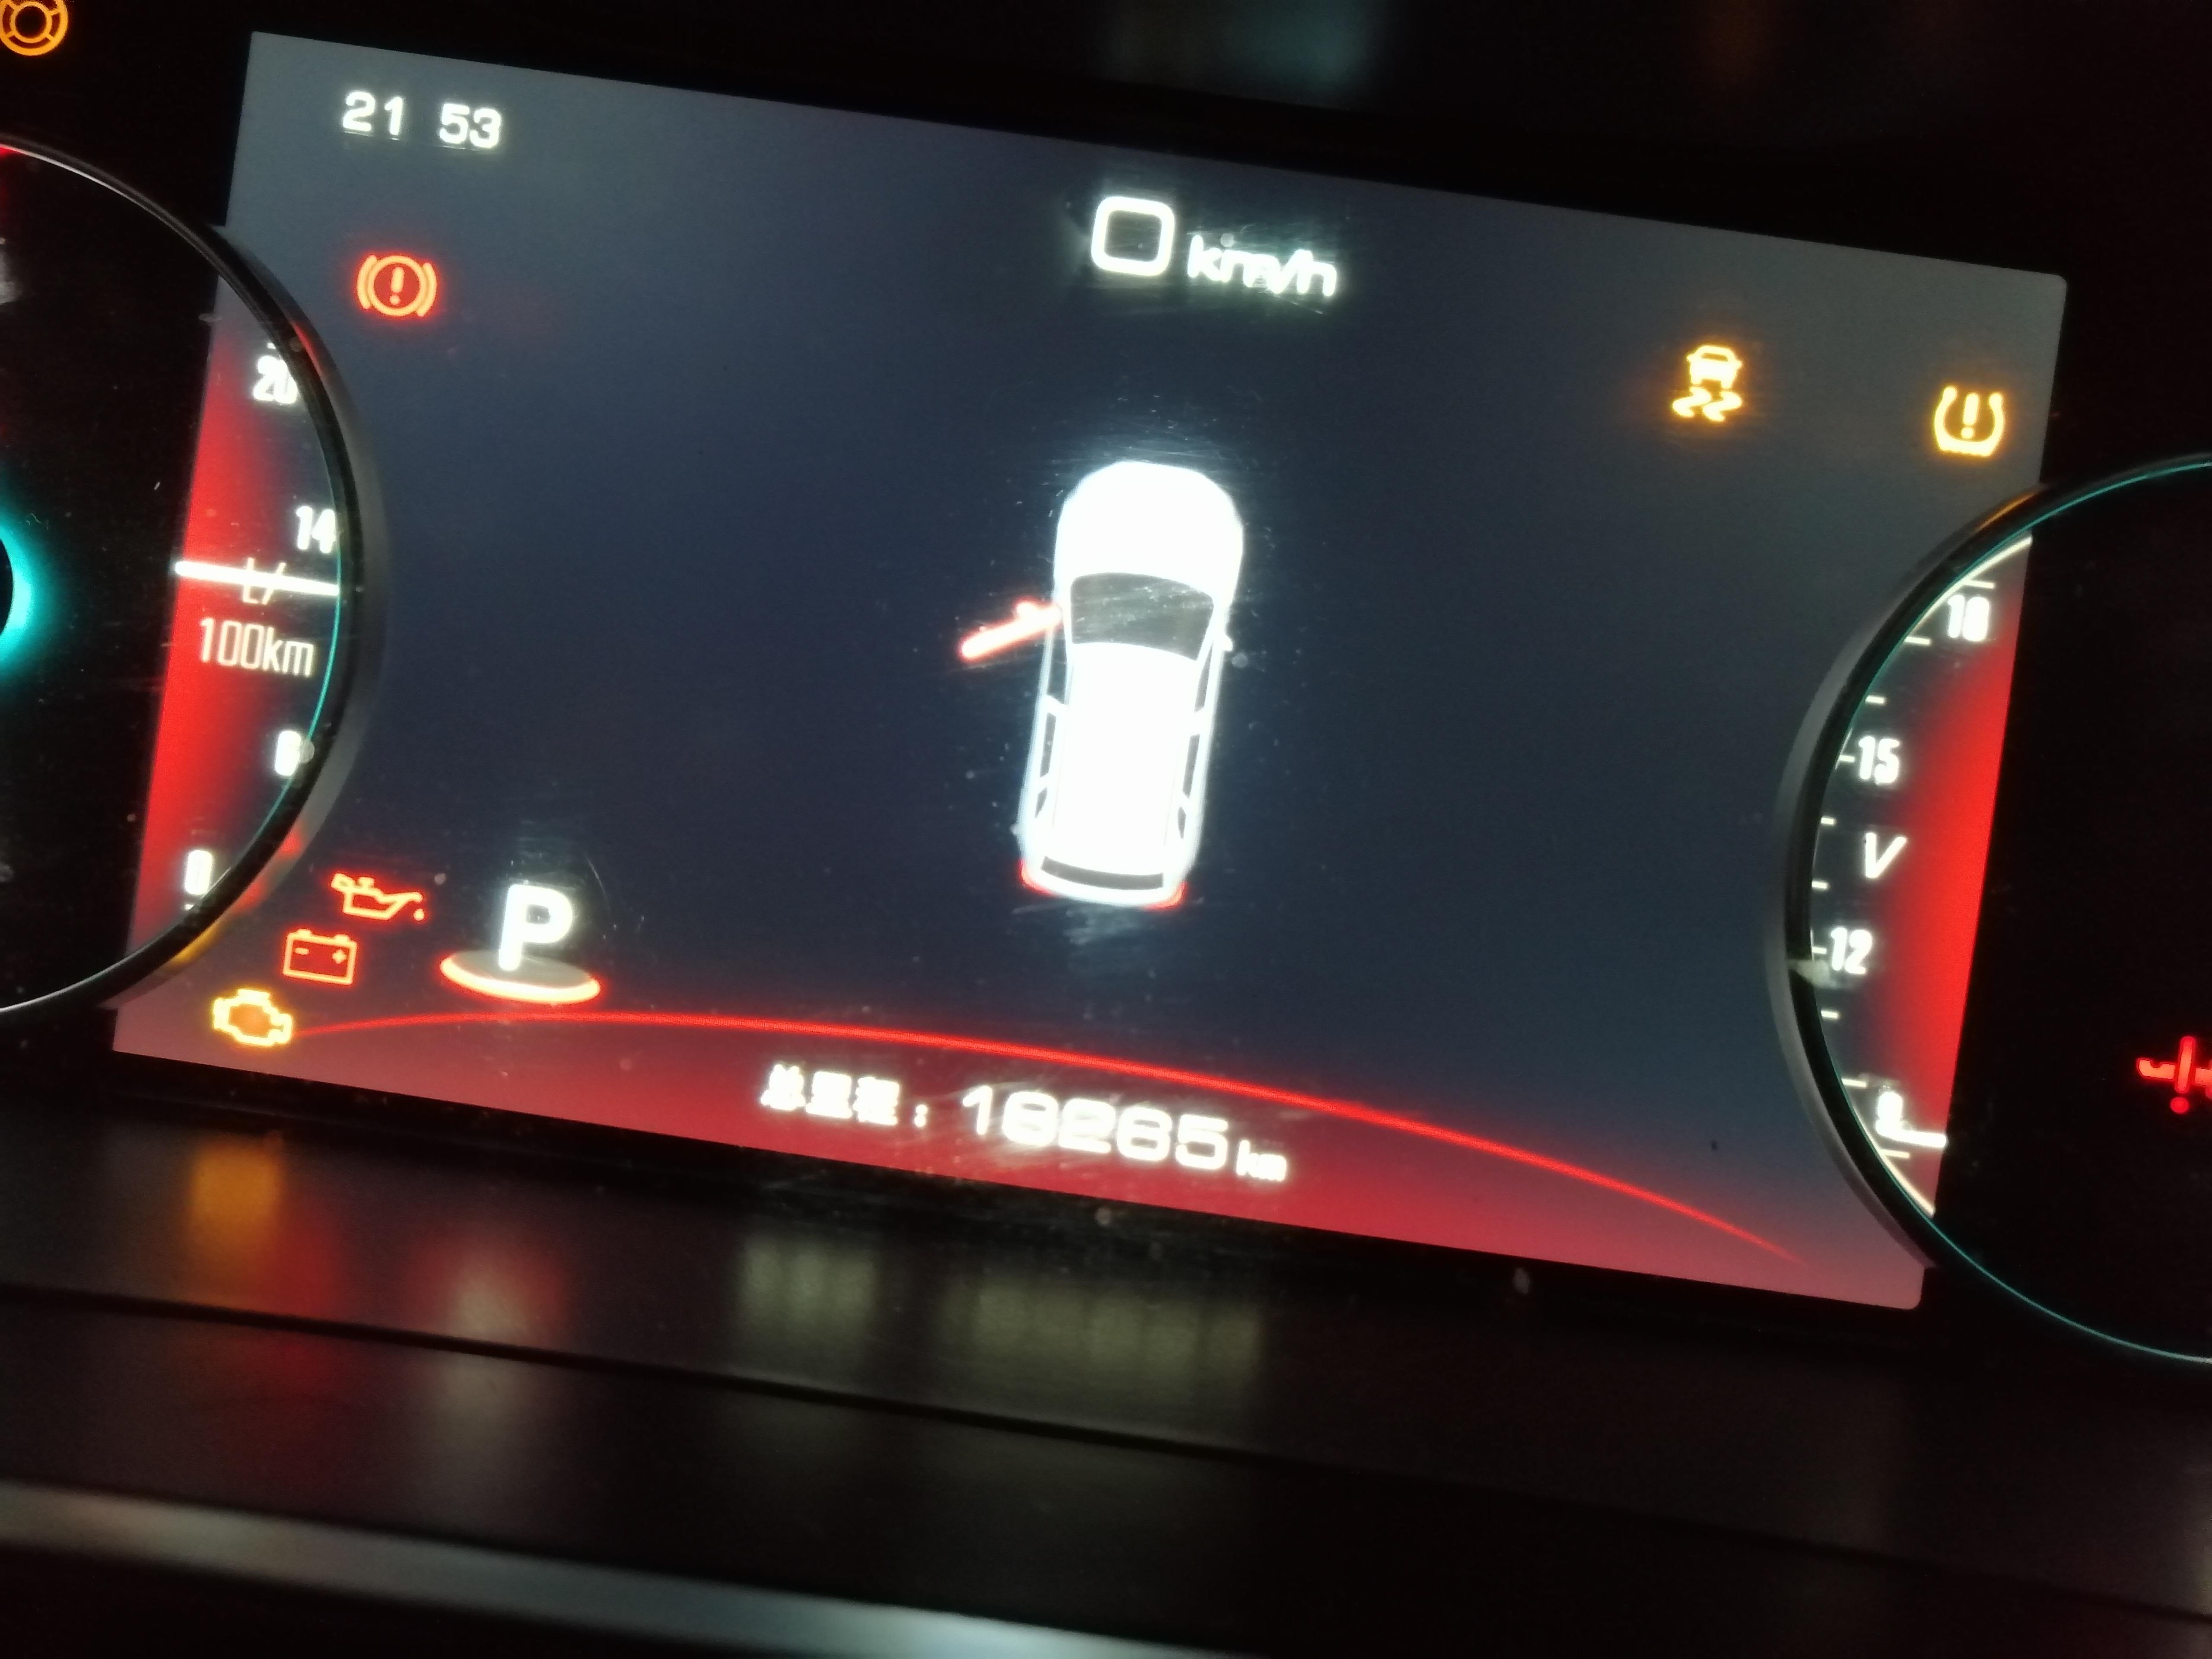 众泰-大迈x7 电瓶亏电严重,两天都没办法启动--汽车